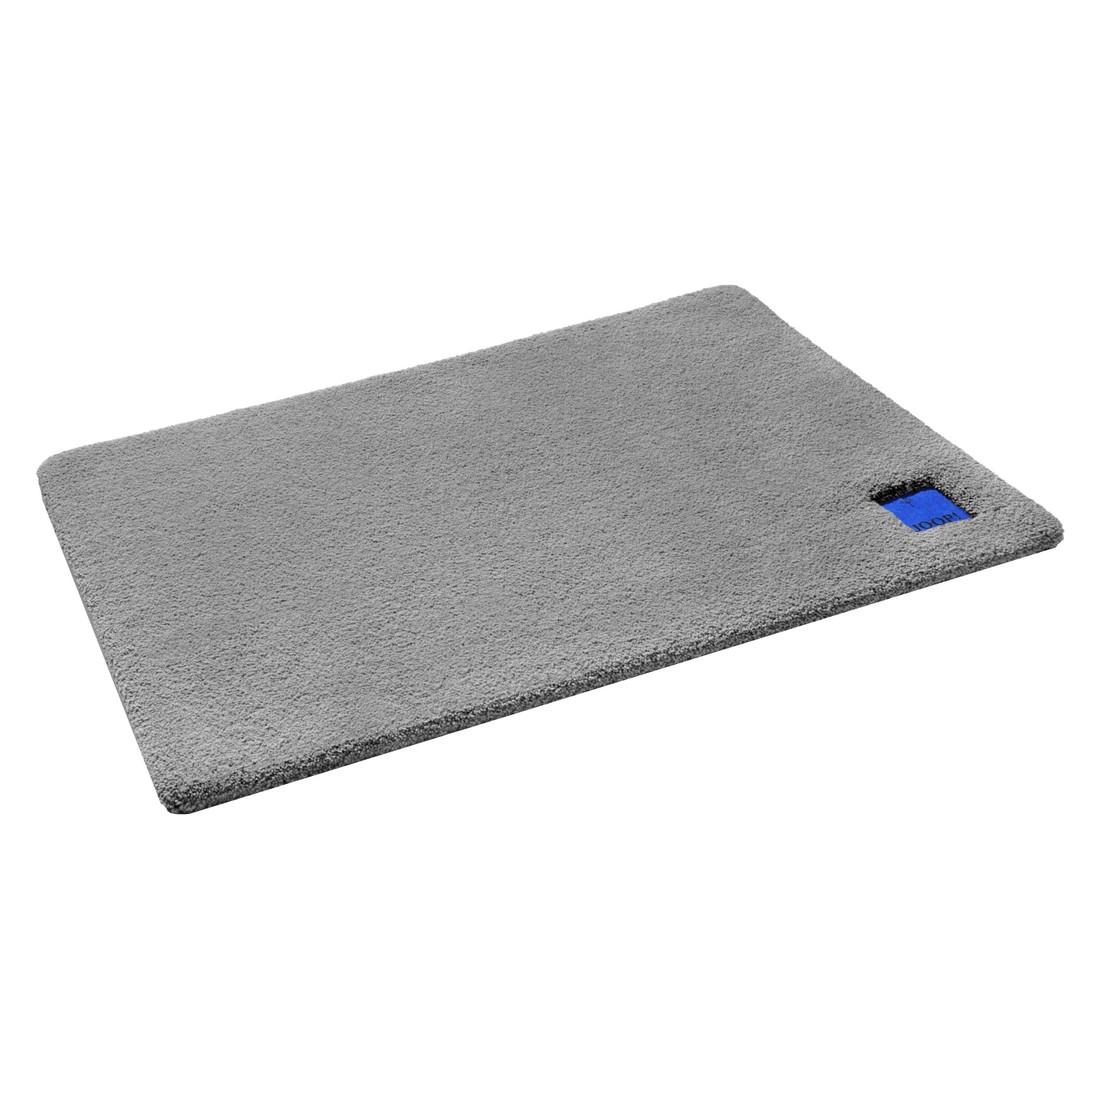 Badteppiche   New Basic – 100% Polyamid Kiesel – 085 – 50 x 60 cm, Joop günstig kaufen